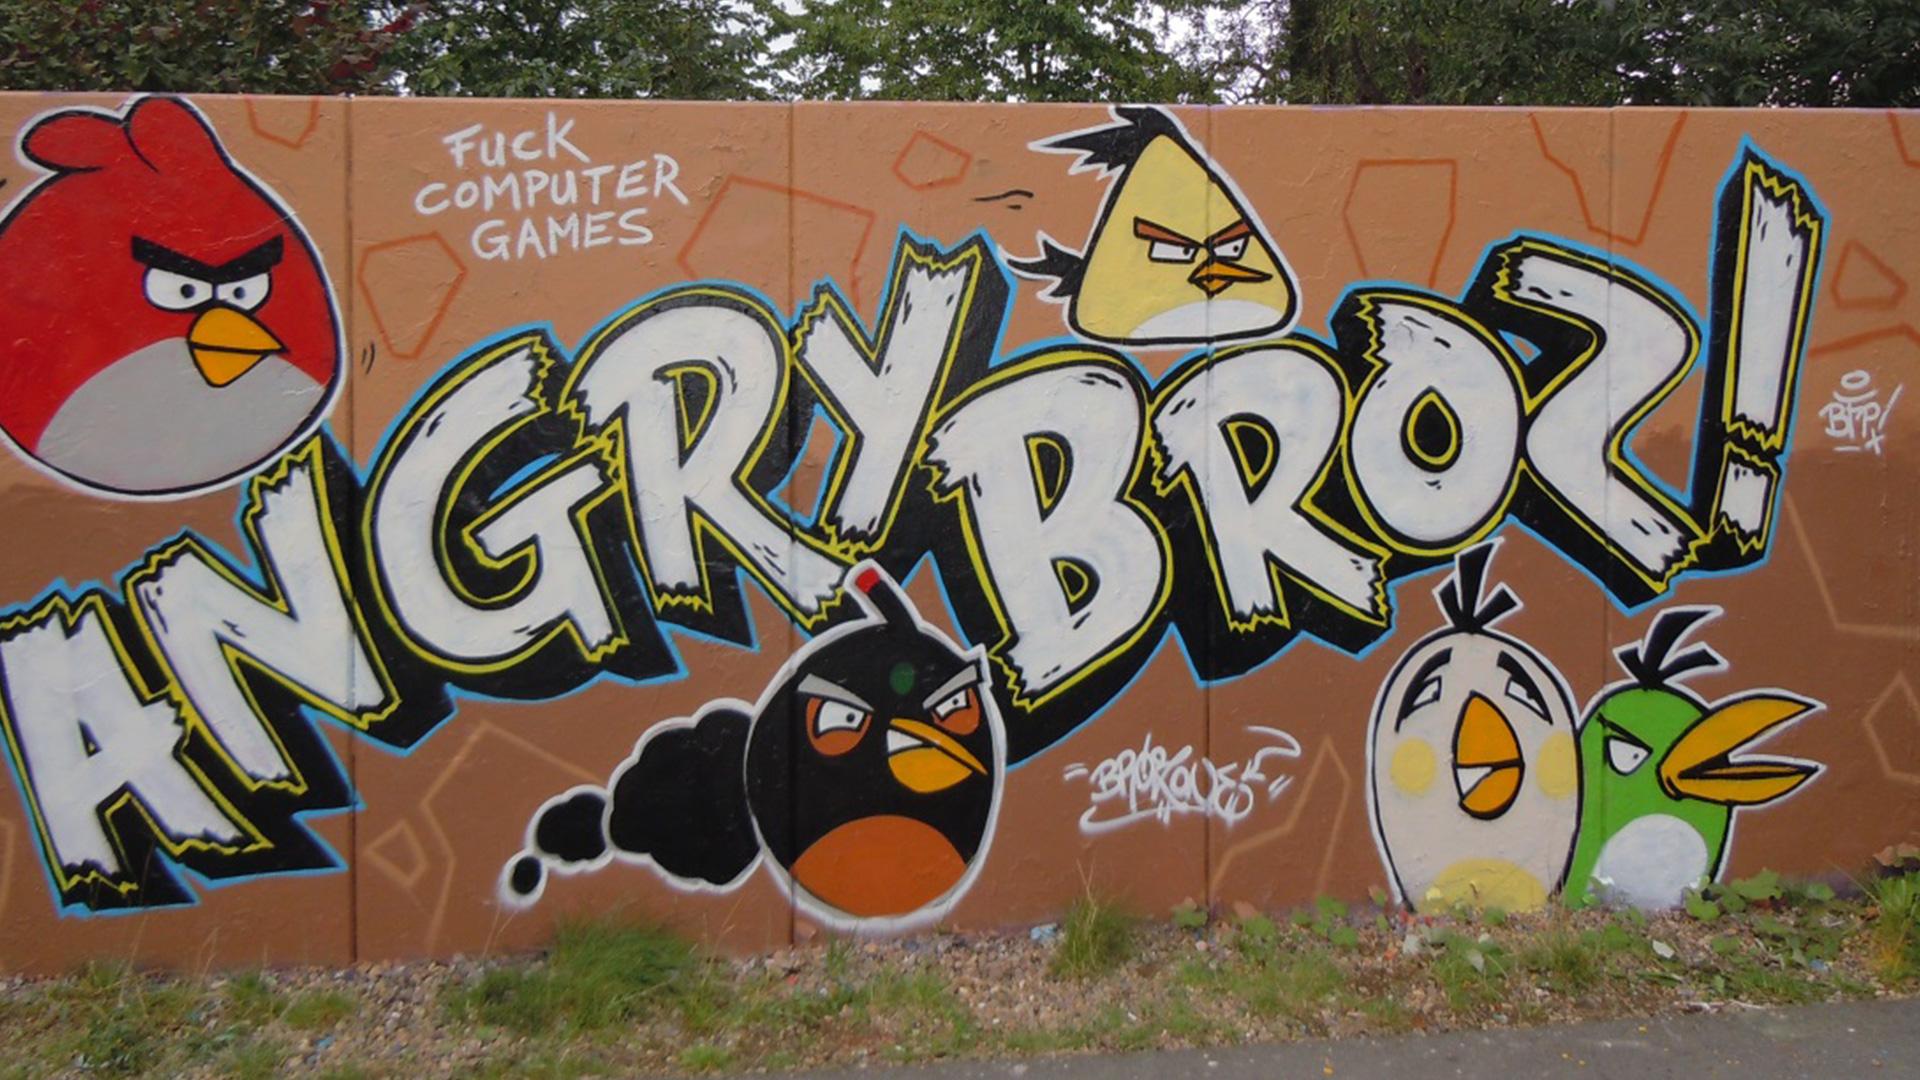 Graffiti & contract work – Brozilla